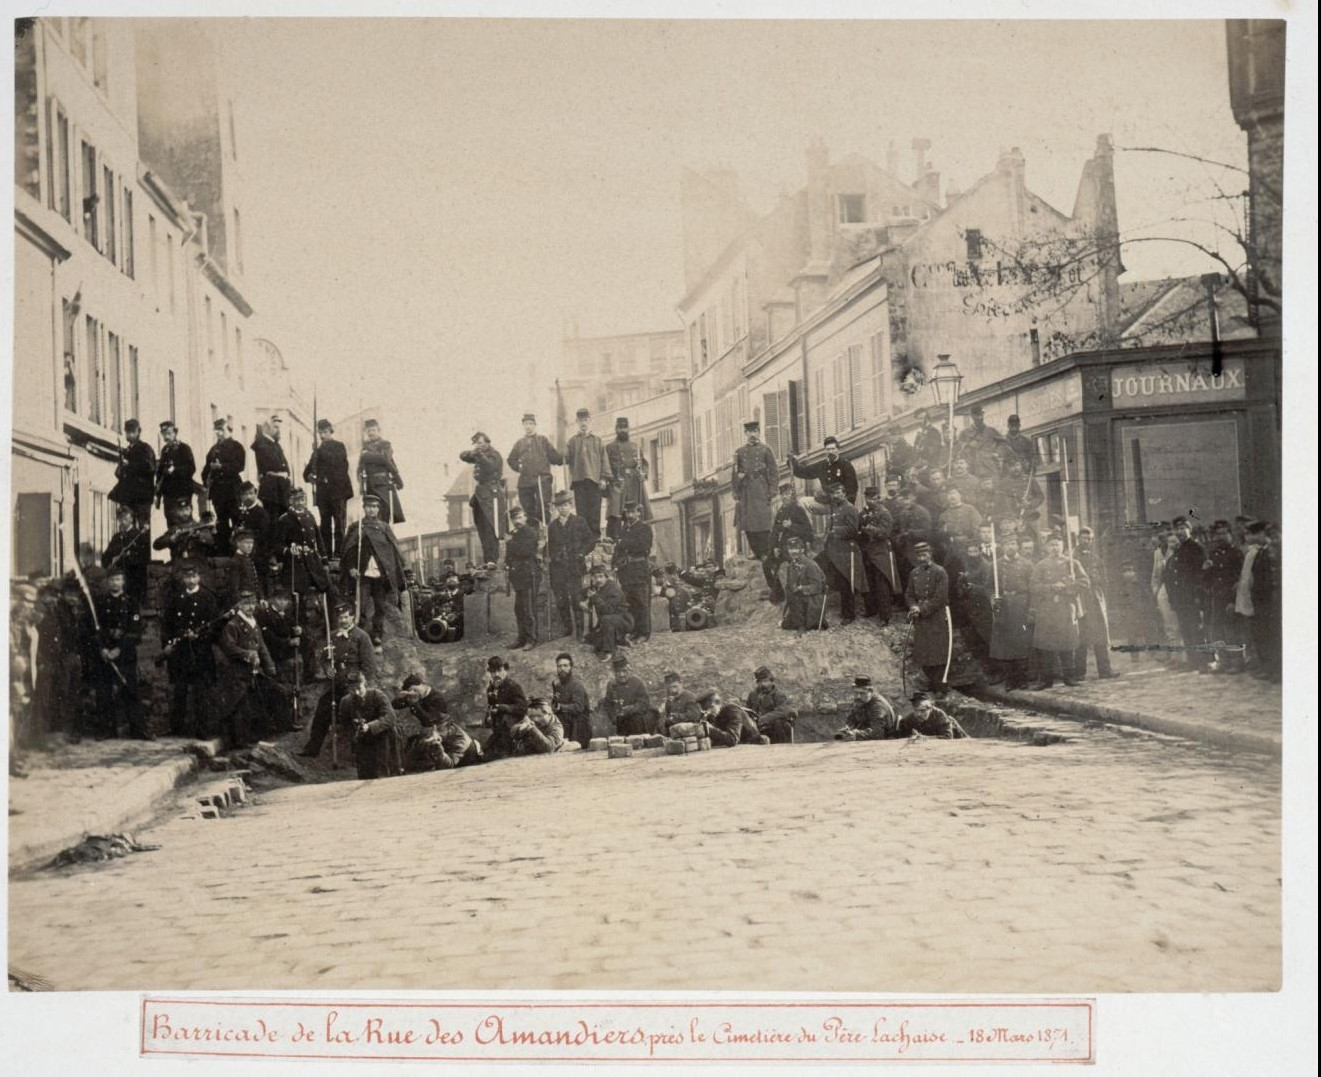 18 марта 1871. Баррикады на улице Амандье, возле кладбища Пер-Лашез